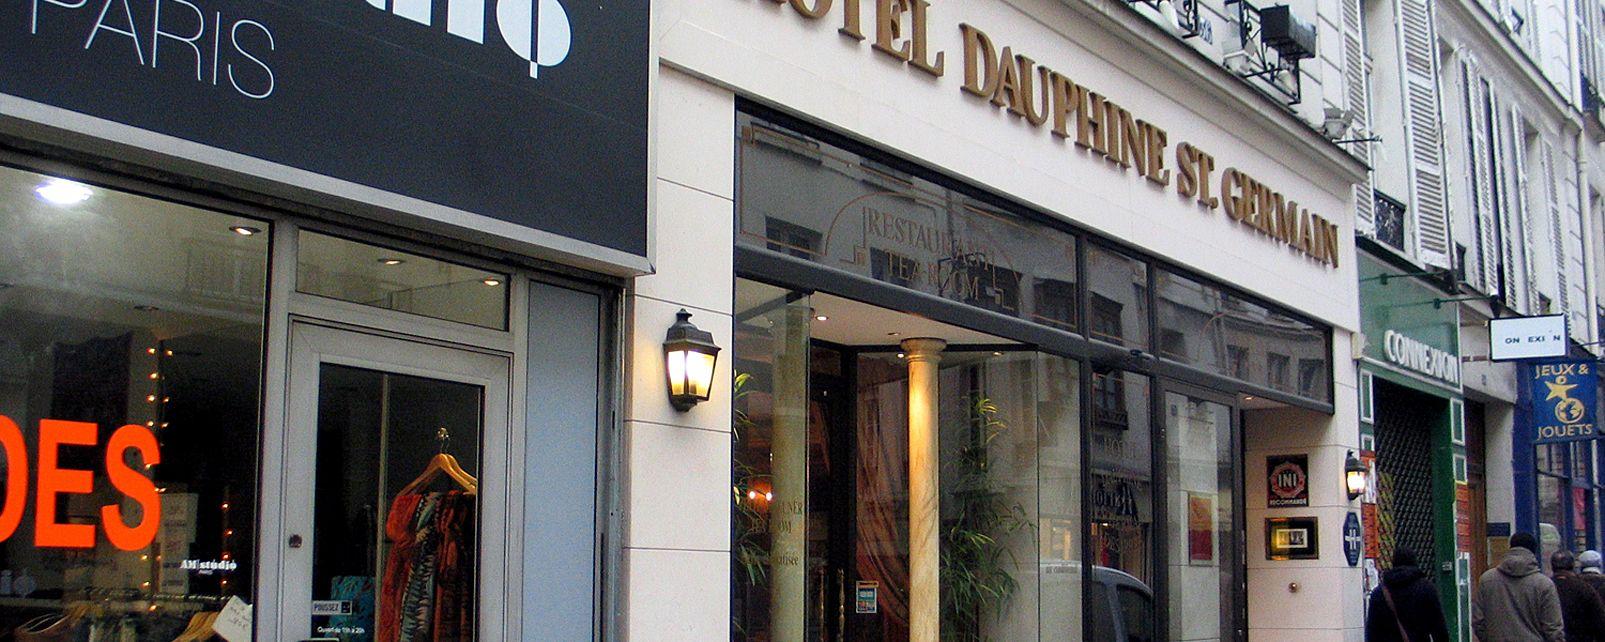 Hotel Dauphine St Germain des Prés